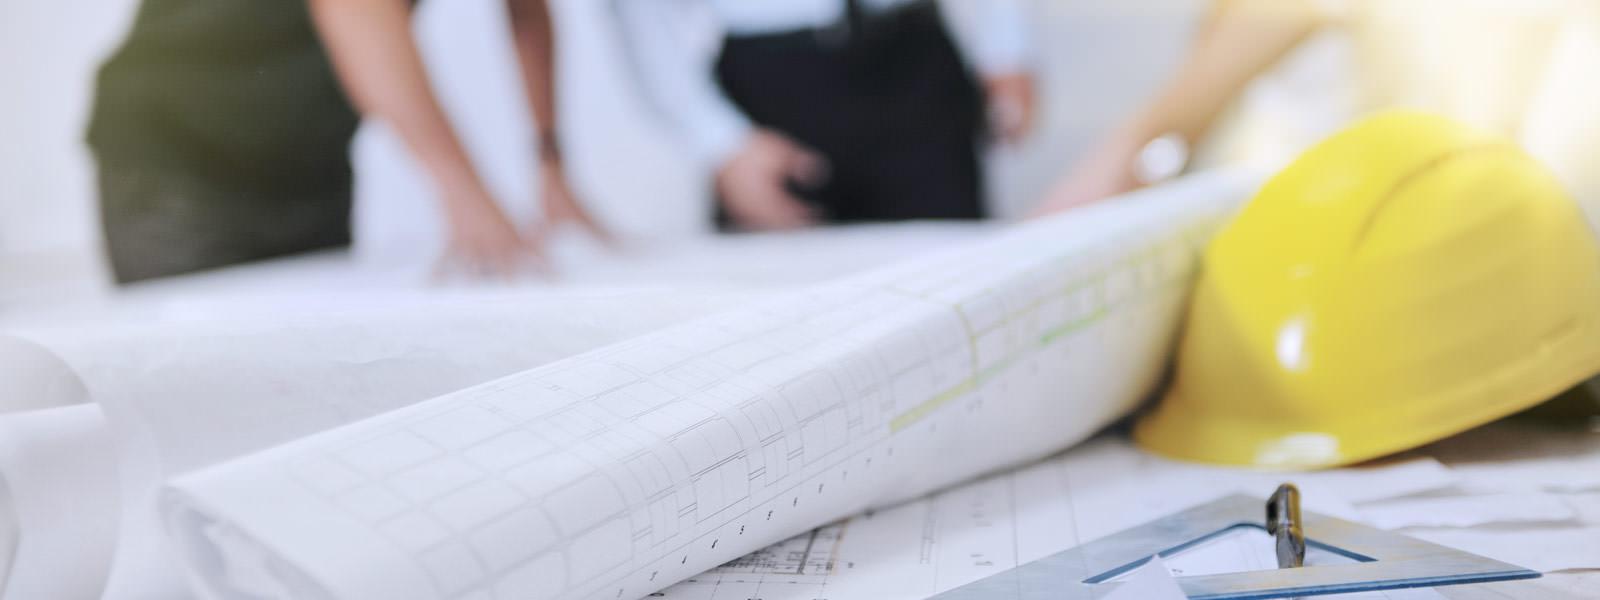 Modulbau und Systembau fuer Gebaeudeplanung